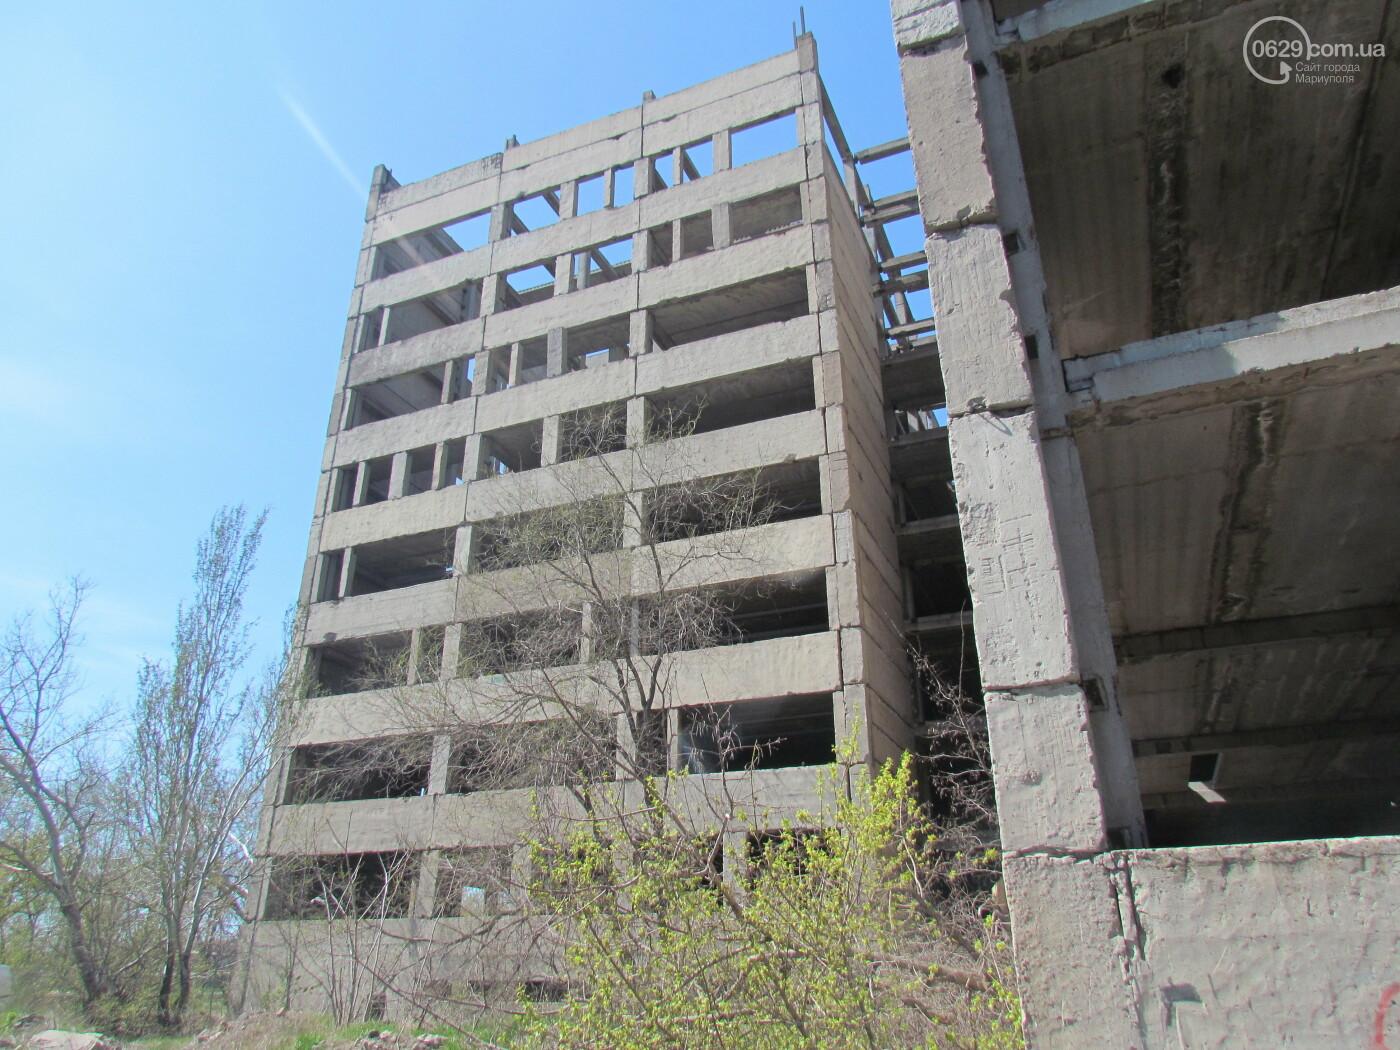 Бетонный монстр больницы. Когда снесут место трагедий и самоубийств в Мариуполе, - ФОТОРЕПОРТАЖ  , фото-9